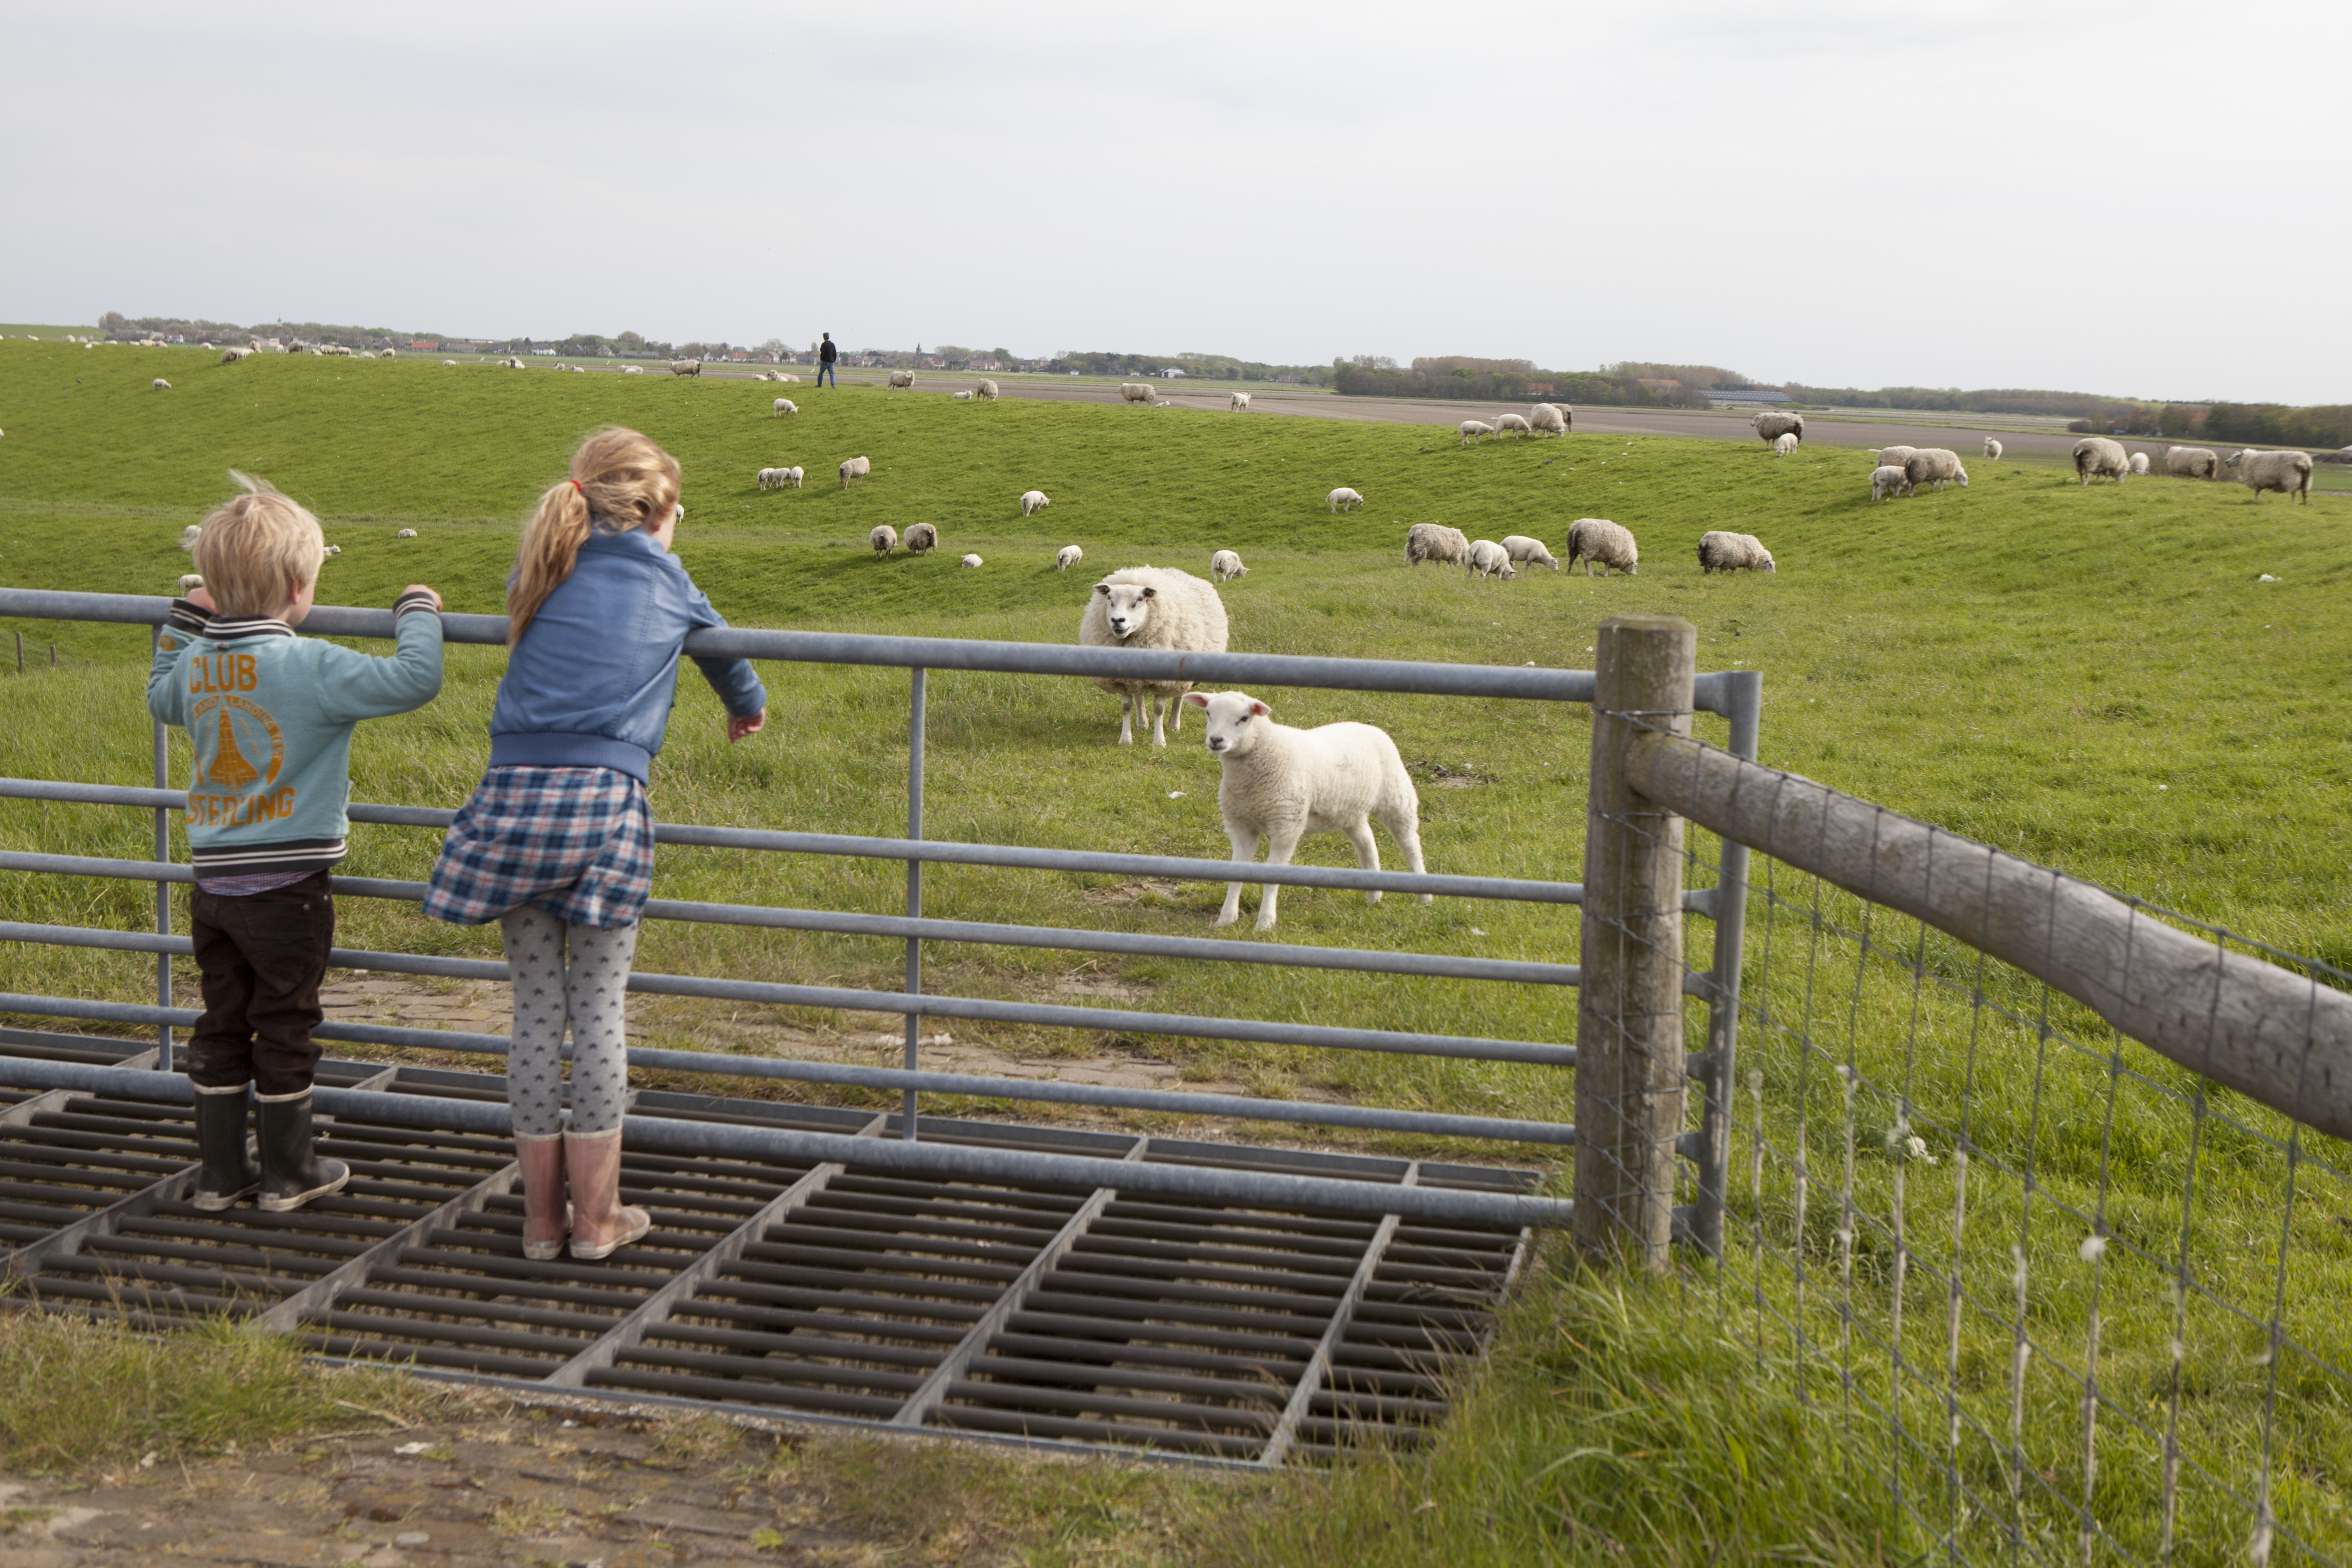 Kinderen bij schapen en lammetjes fotograaf Tessa Jol VVV Texel